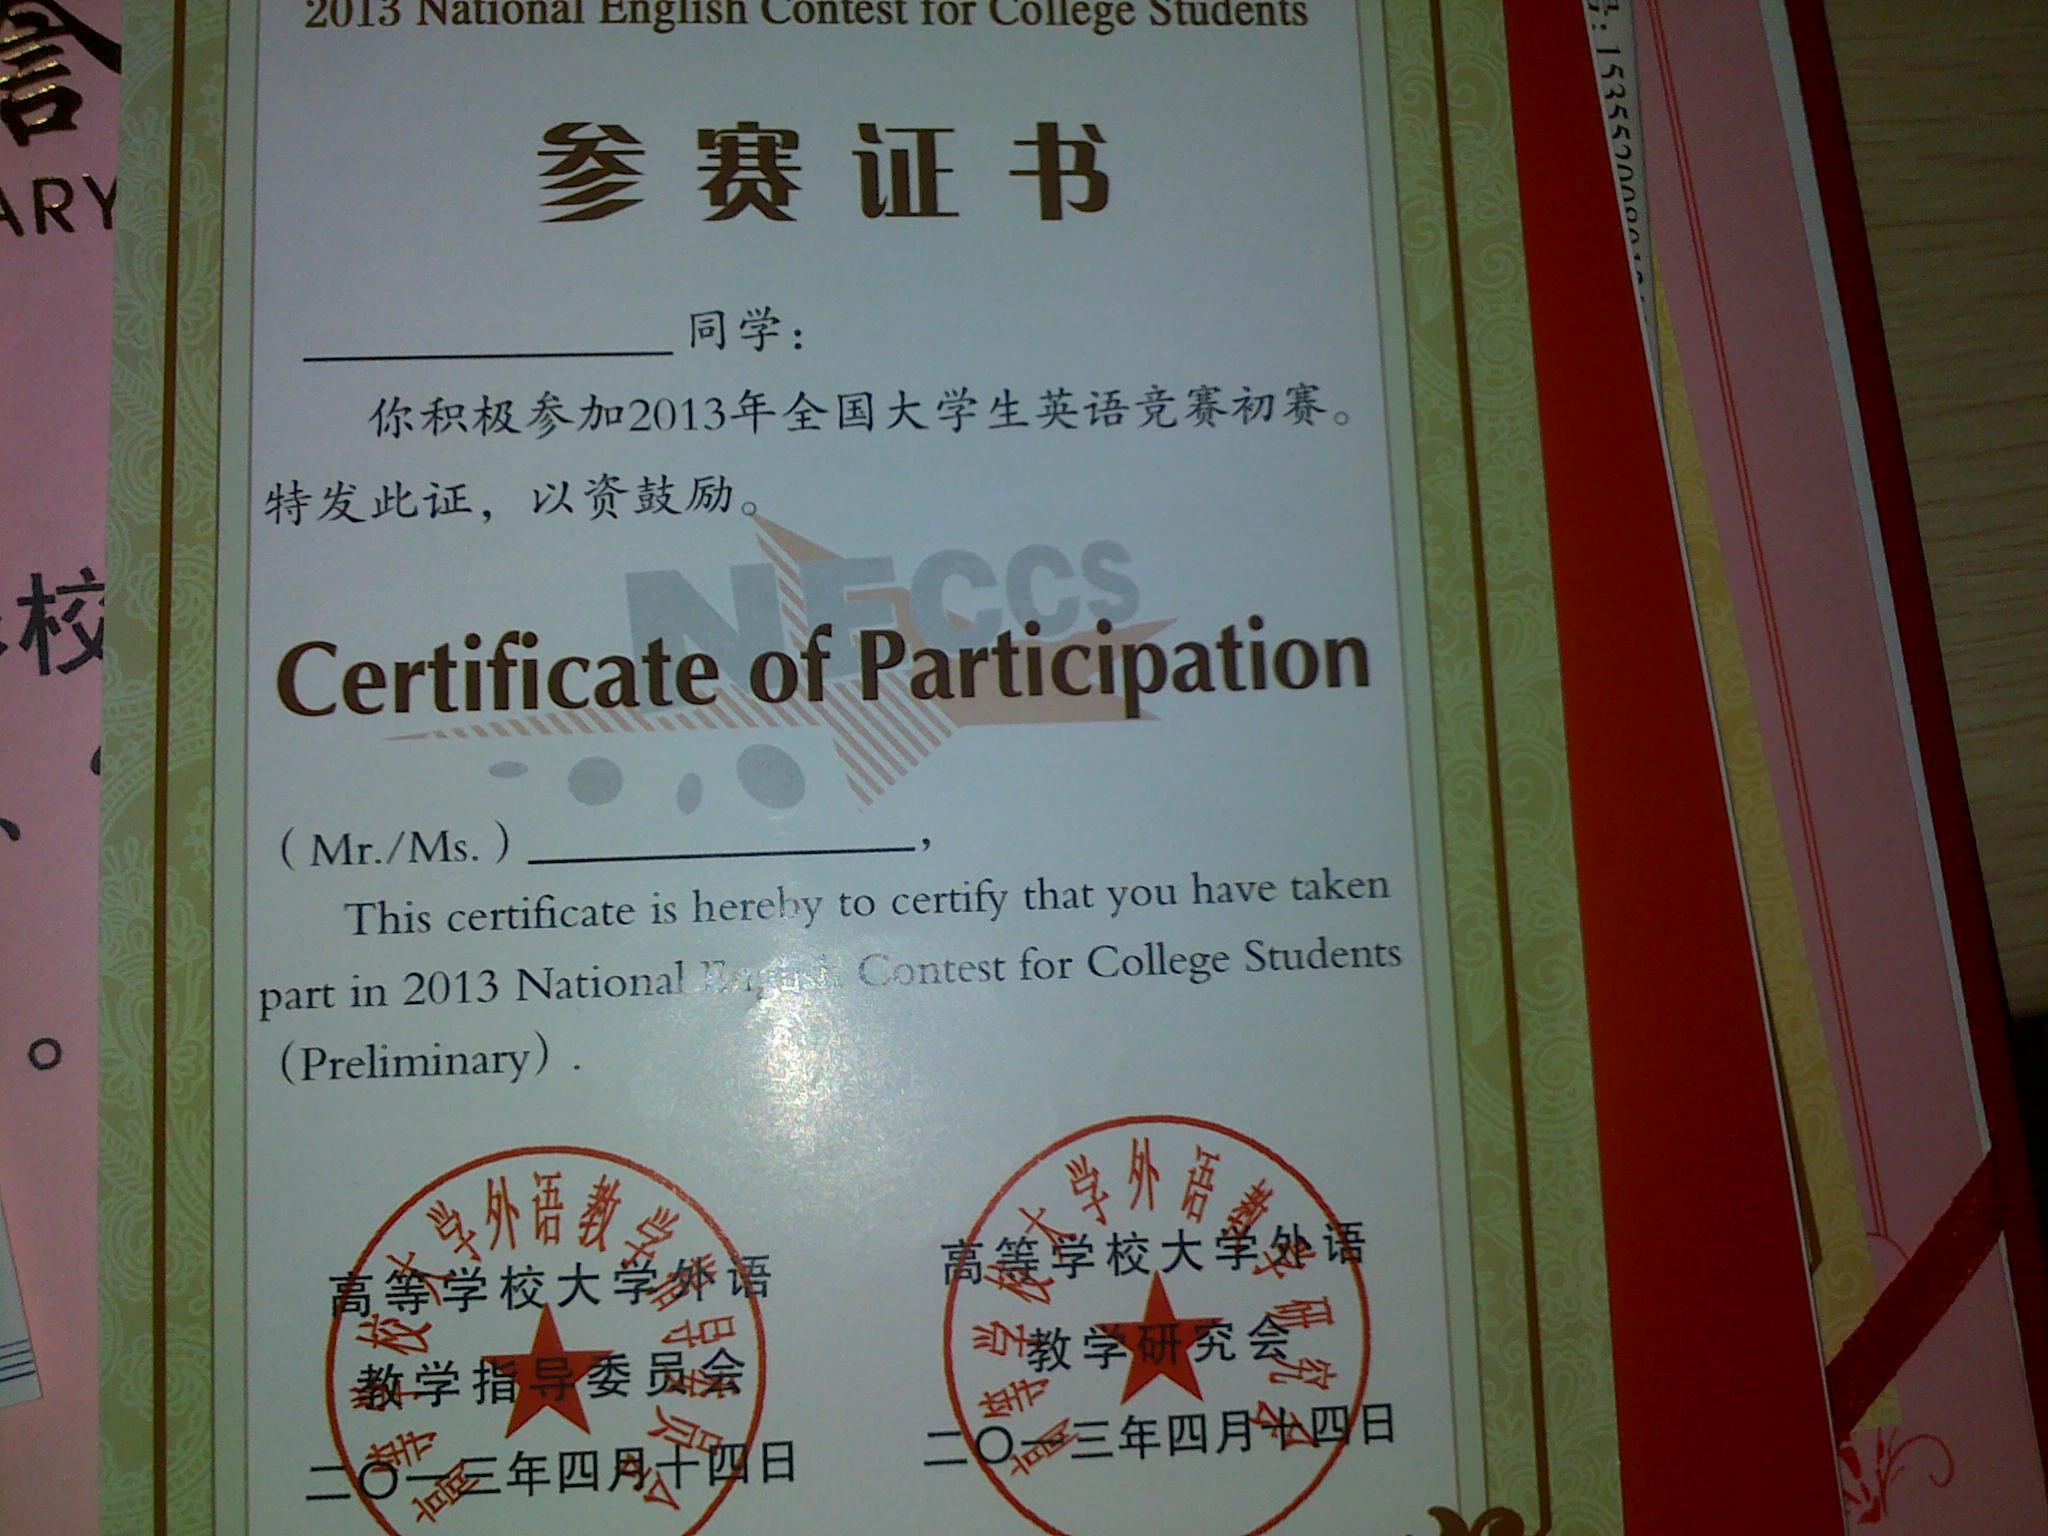 1120131106全国大学生英语竞赛省级证书提问者评价谢谢!